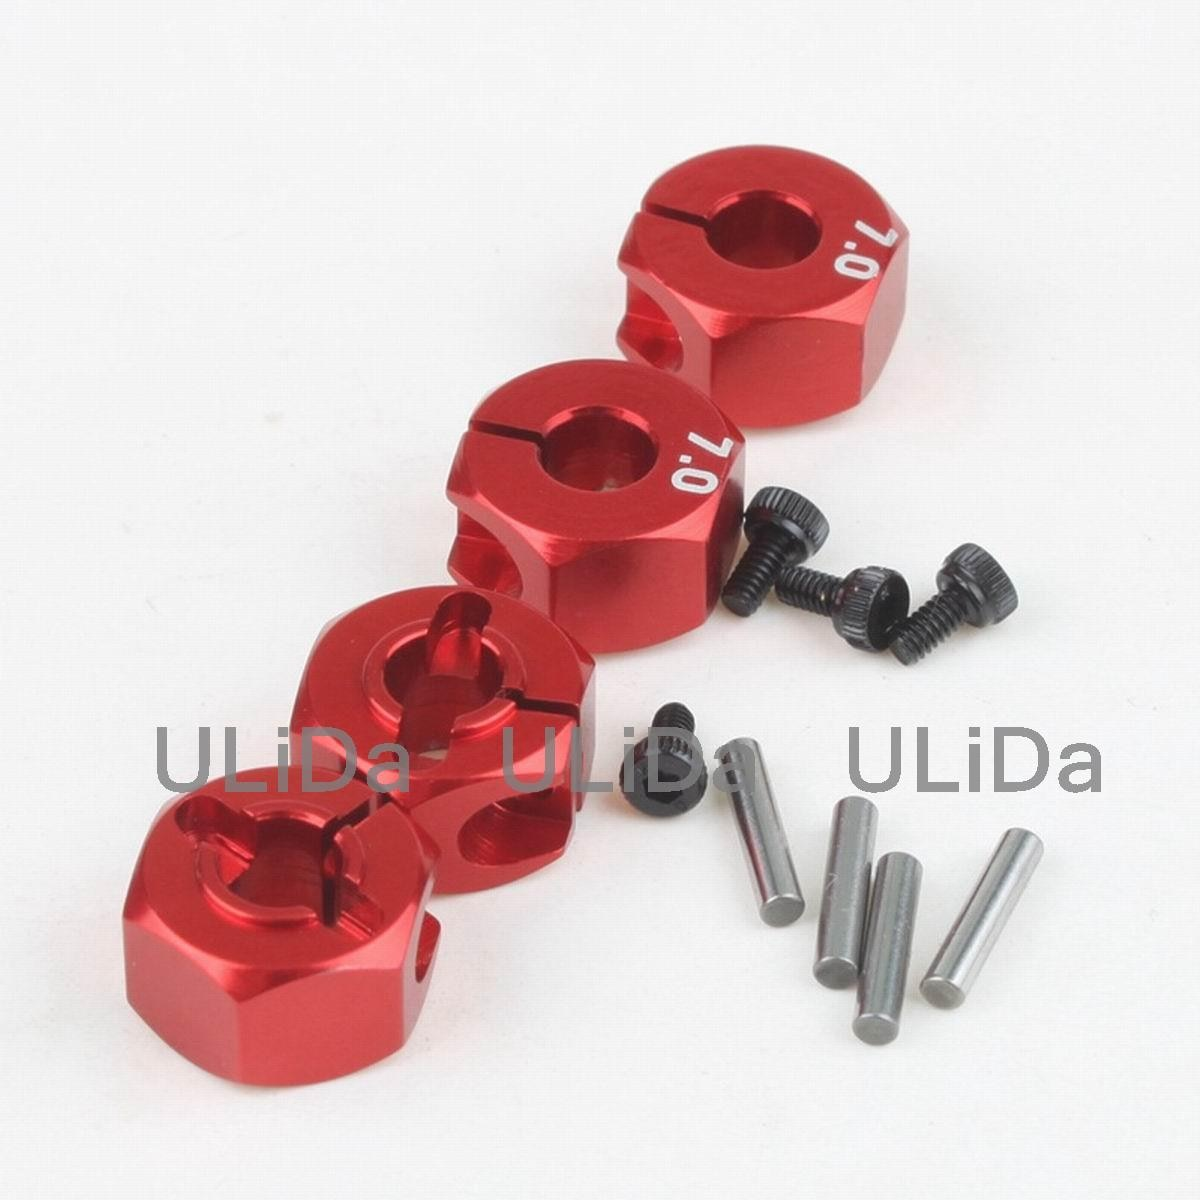 4 Uds. De aleación de aluminio de Metal 7mm de espesor llanta hexagonal adaptador de la impulsión 12MM HSP HPI Tamiya Sakura todo 1/10 RC coche 94123 94122 CS D4